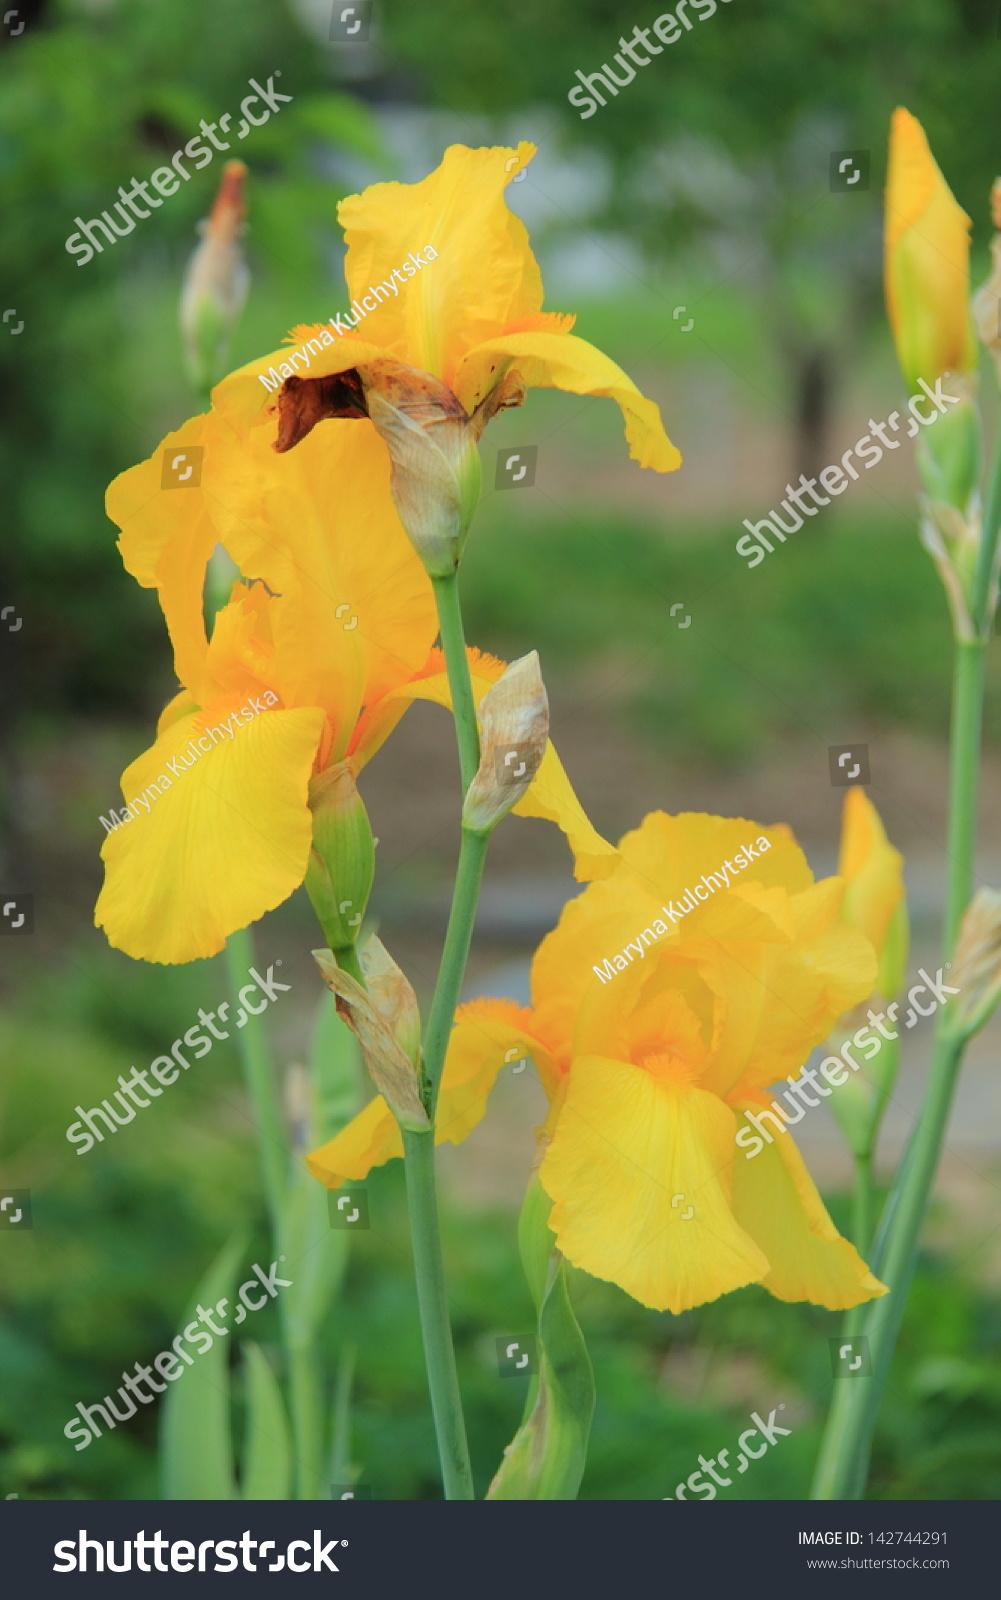 Iris flower blossoming in a spring garden ez canvas id 142744291 izmirmasajfo